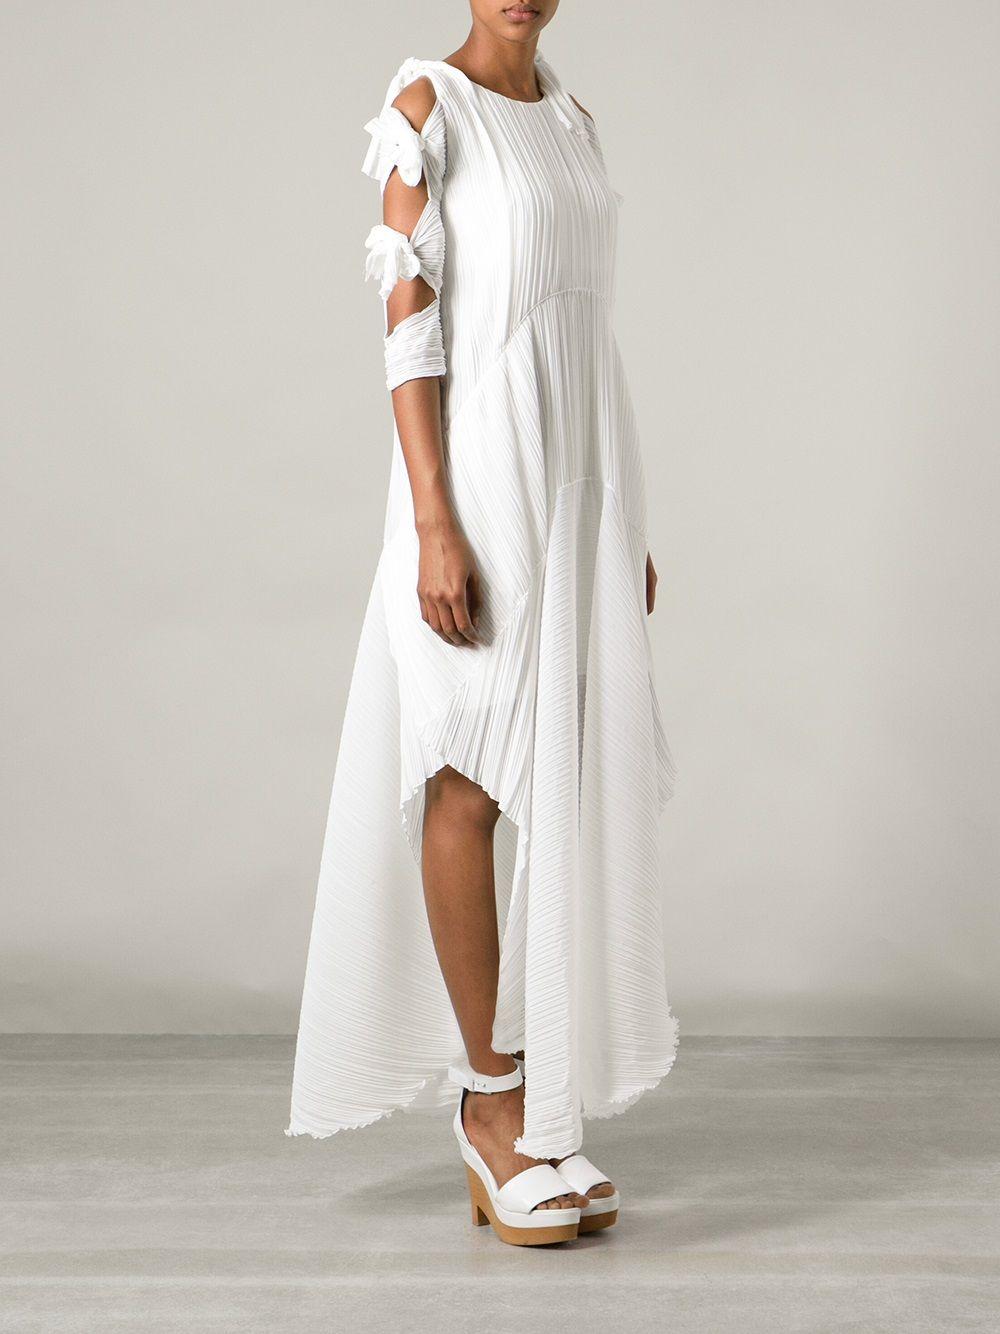 Chloe White Pleated Tie Detail Dress Lyst Dress Details Clothes Dresses [ 1334 x 1000 Pixel ]